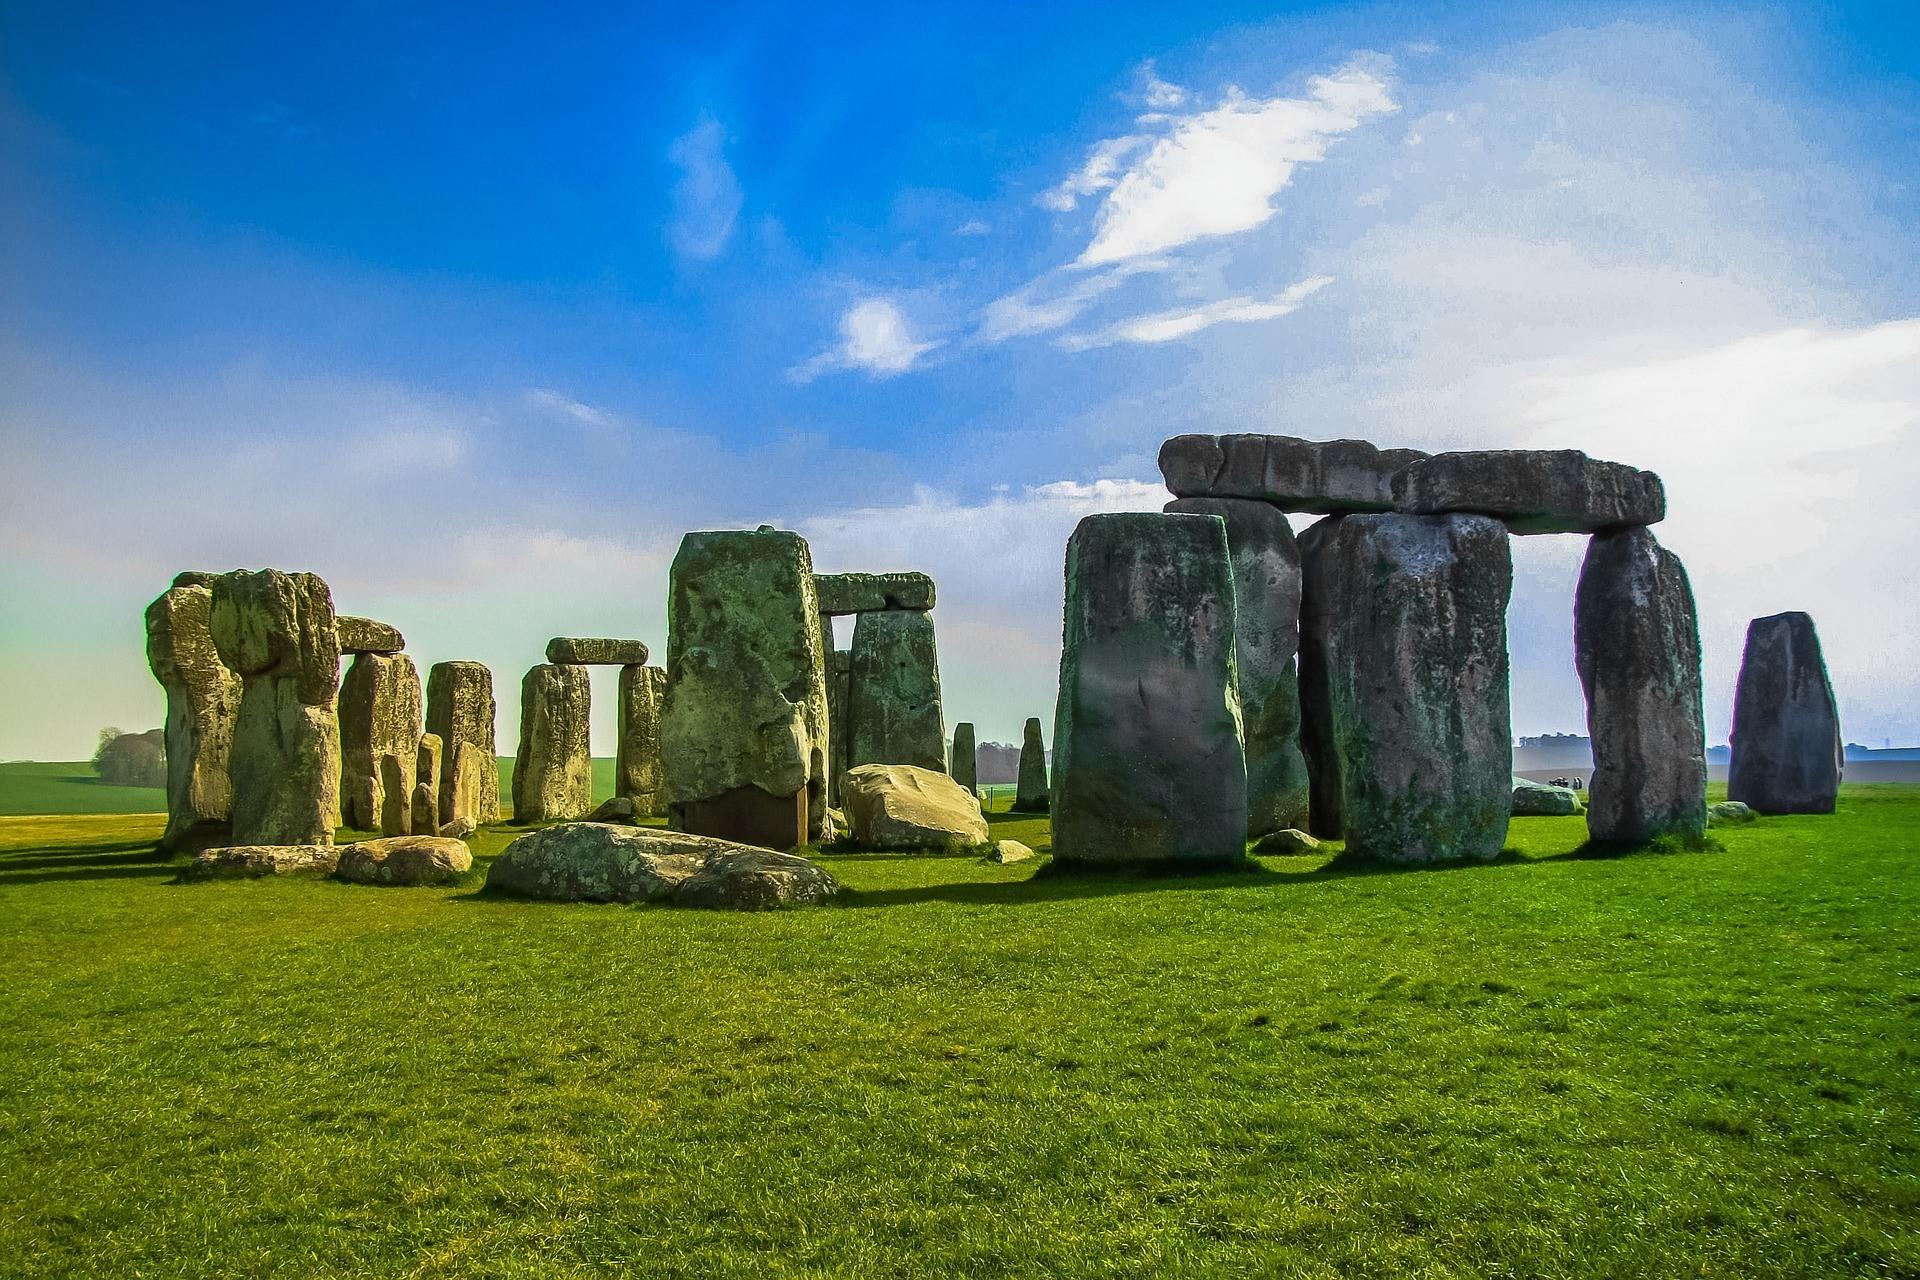 stonehenge-947348_1920.jpg